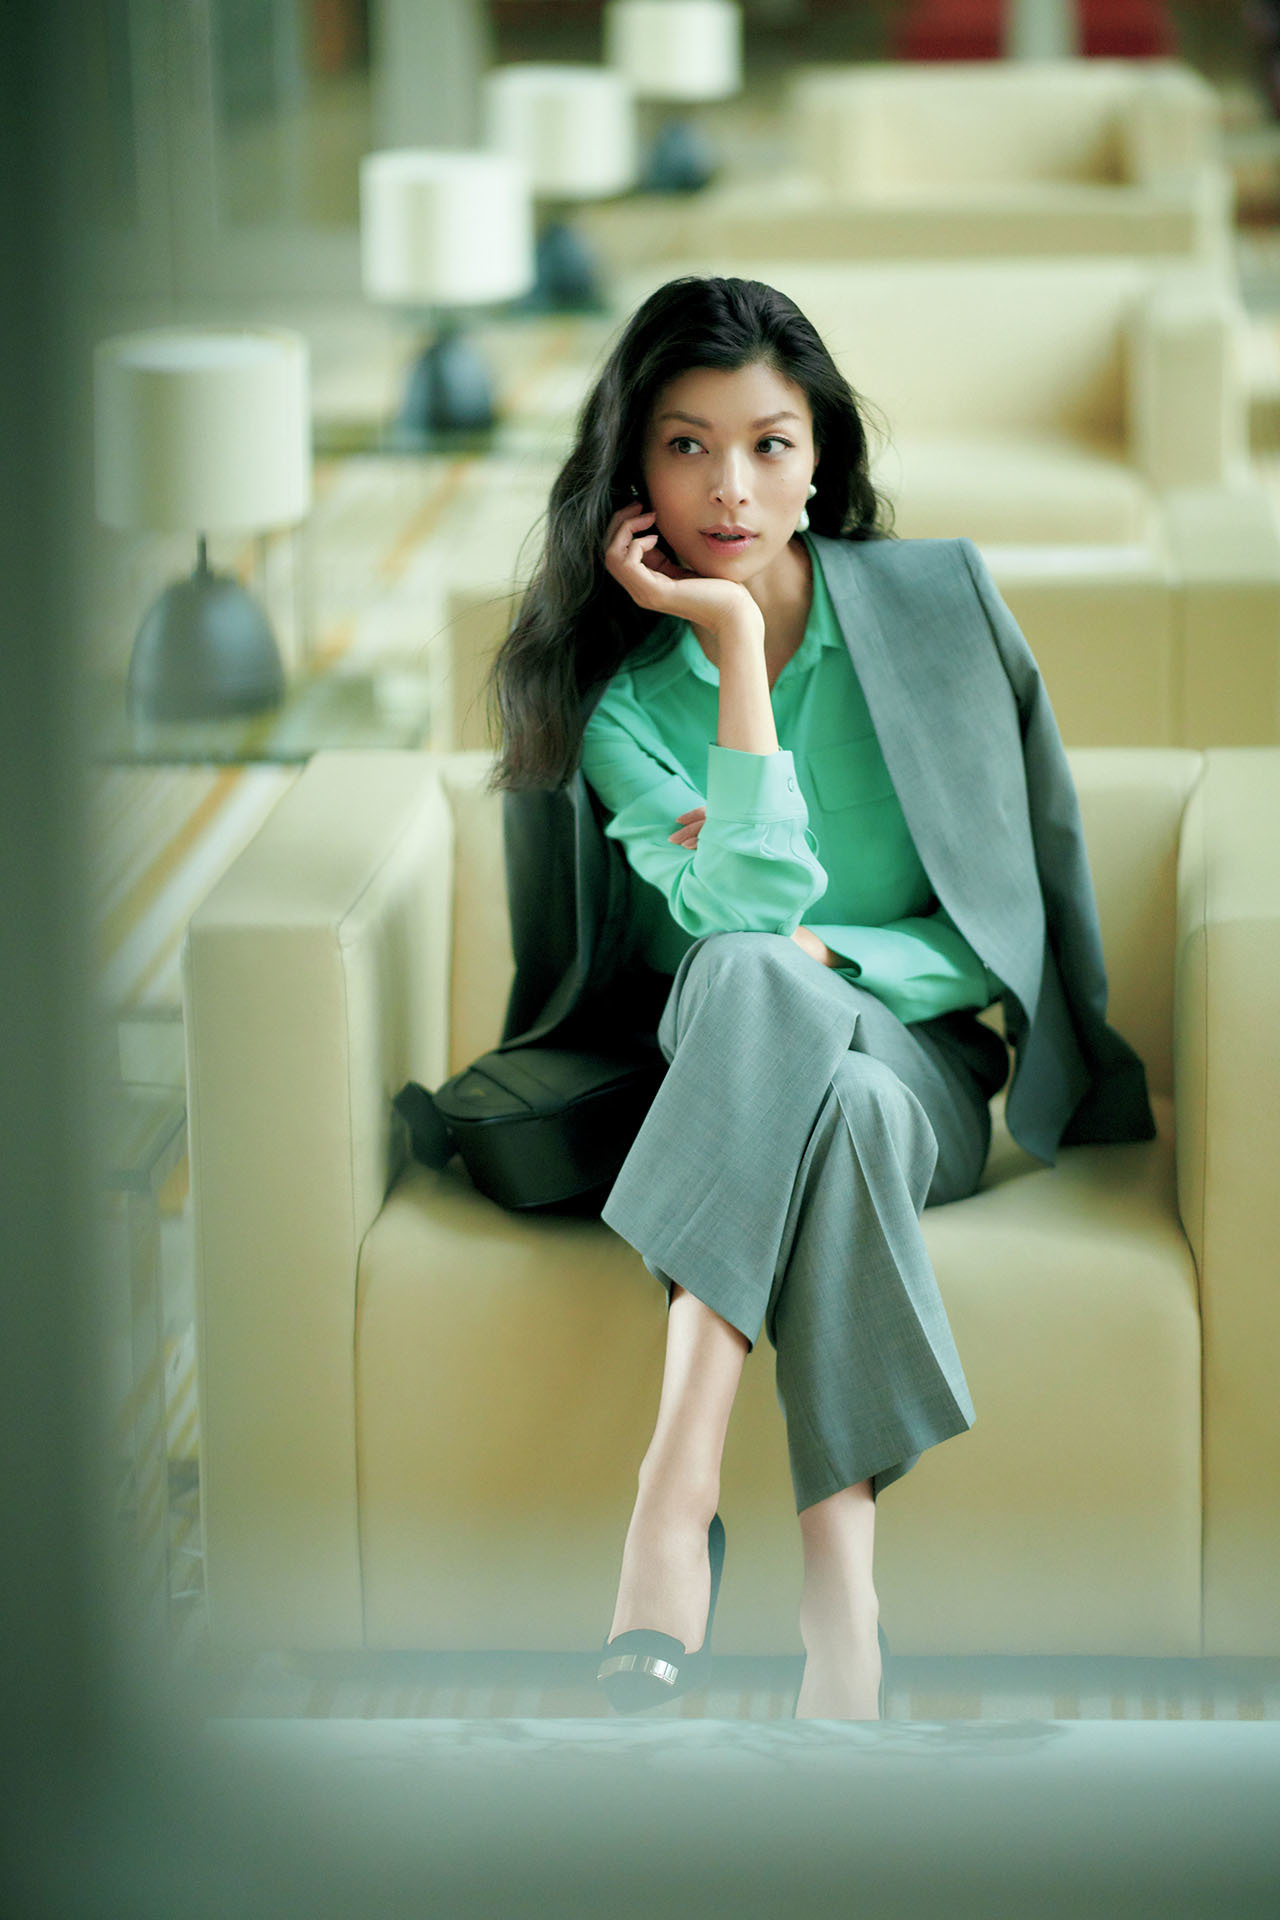 話しかけやすいオーラと信頼感を引き出す「好感グリーン」のお仕事服  五選_1_1-3